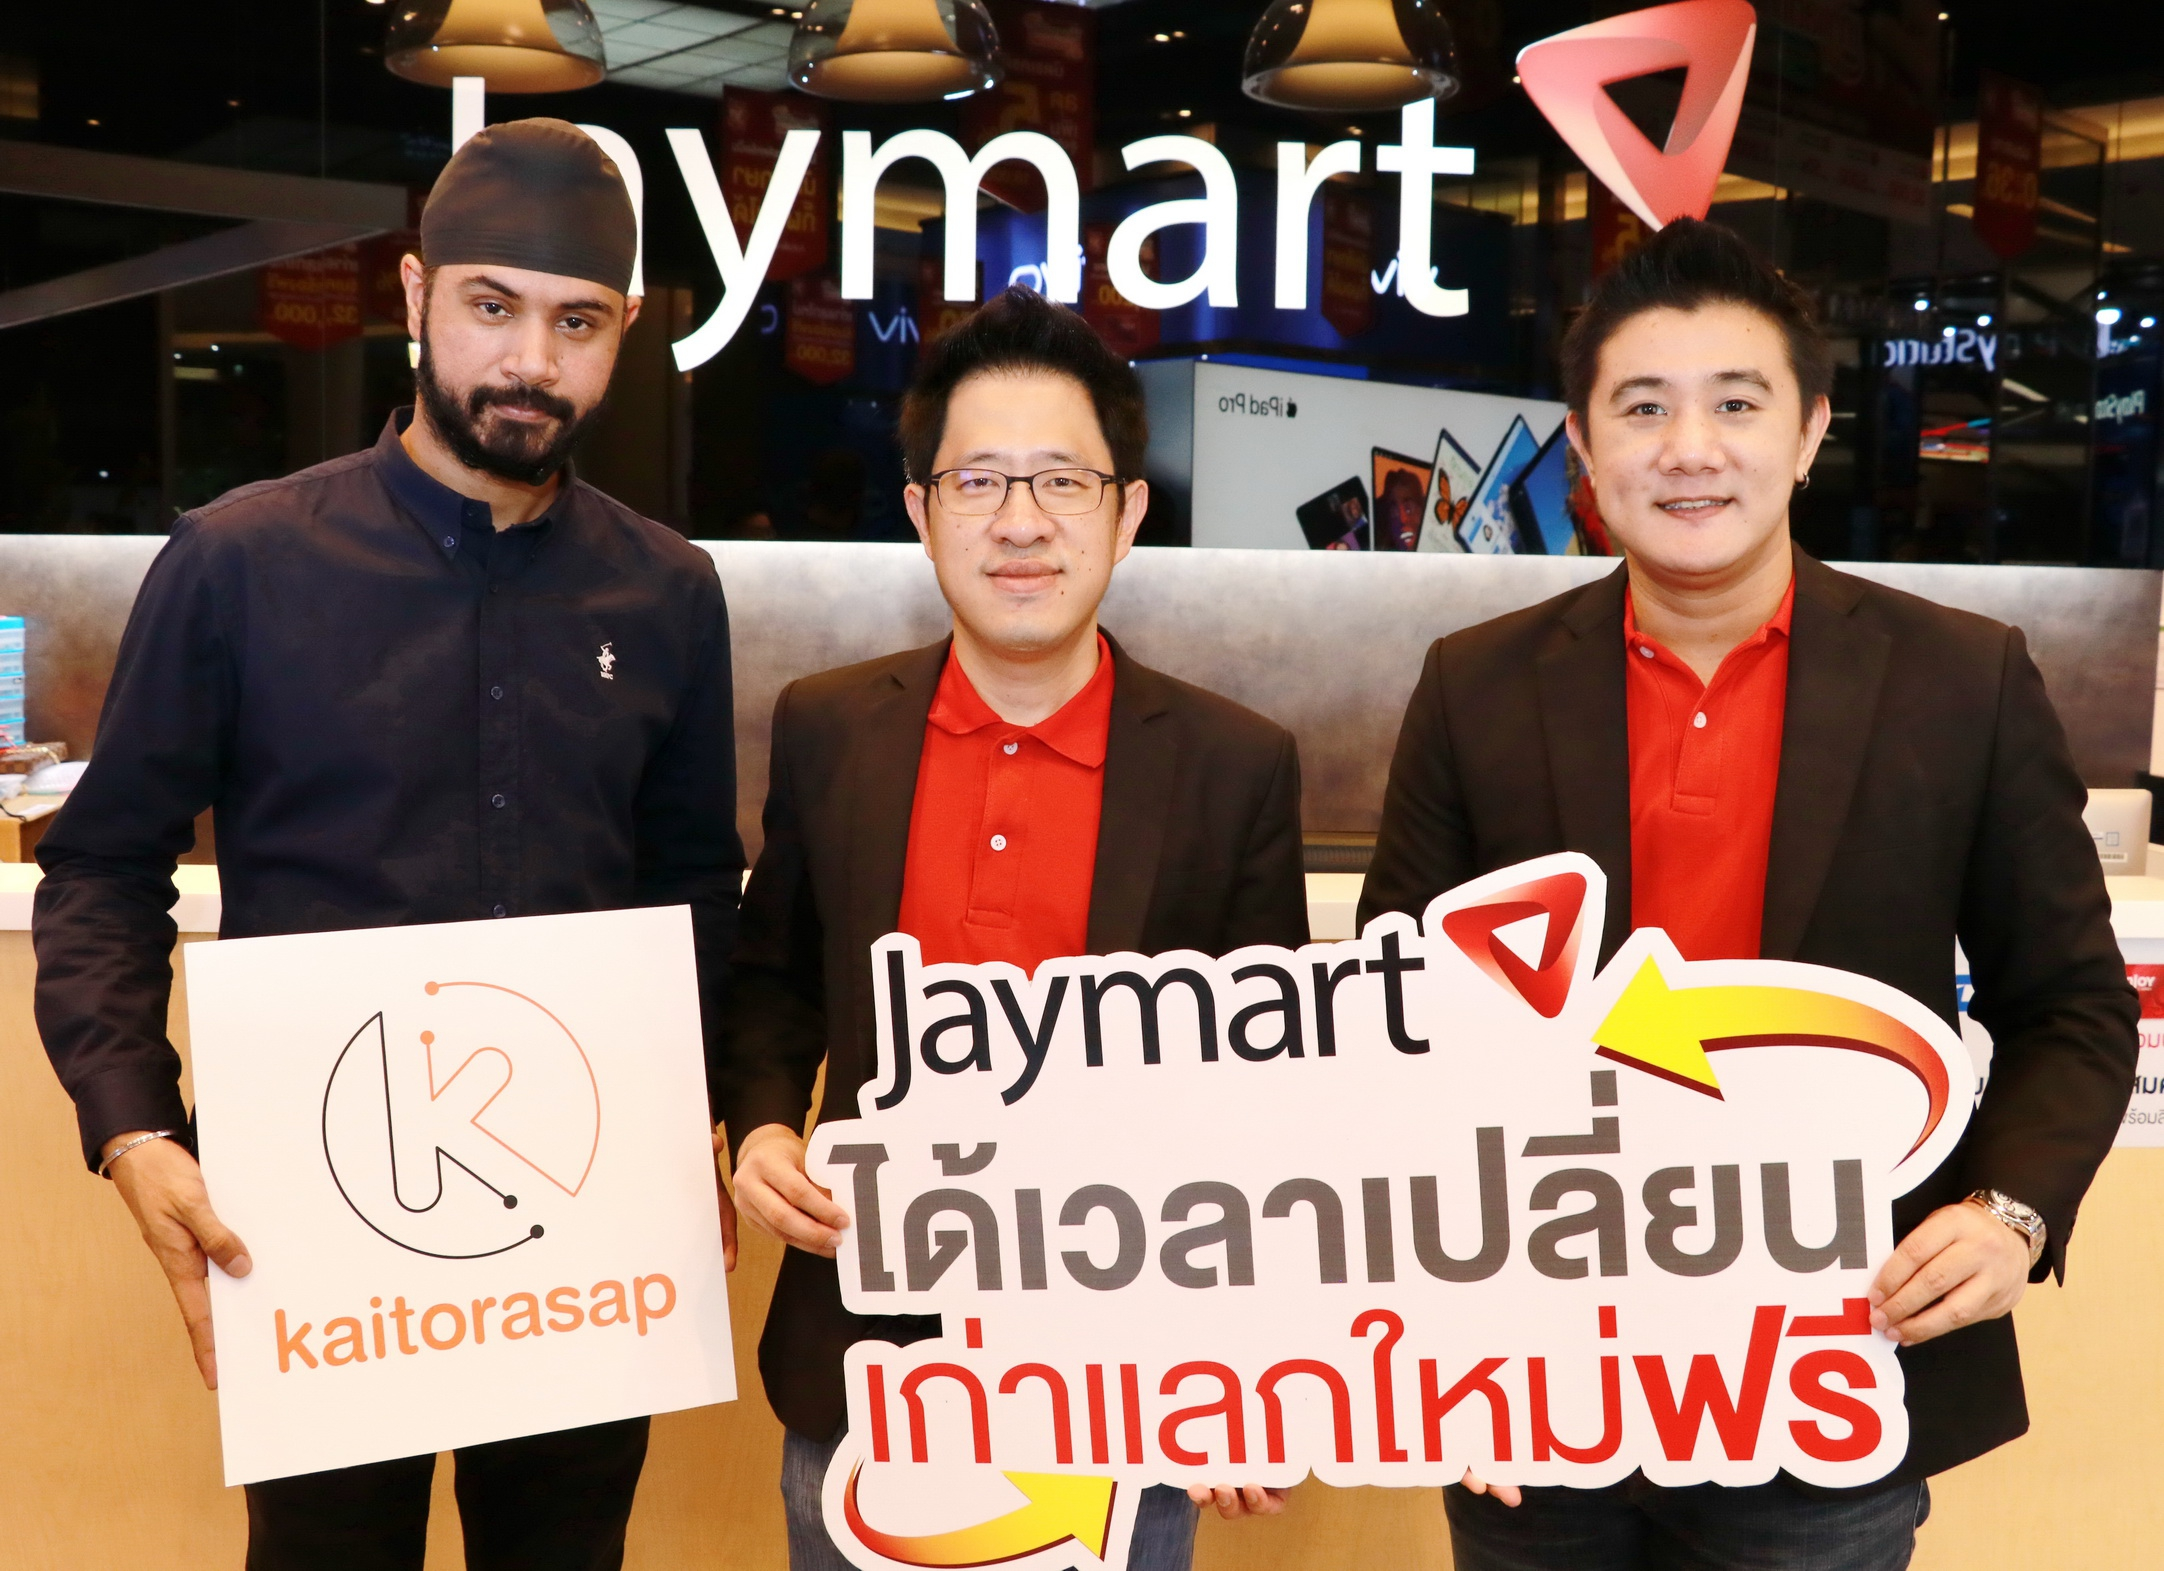 """เจมาร์ท จับมือเบอร์หนึ่งขายมือถือมือสอง """"ขายโทรศัพท์ดอทคอม (kaitorasap.com)""""  จัดดีลใหญ่ เก่าแลกใหม่ฟรี หรือแลกรับส่วนลดเพิ่ม 5 ต่อ"""